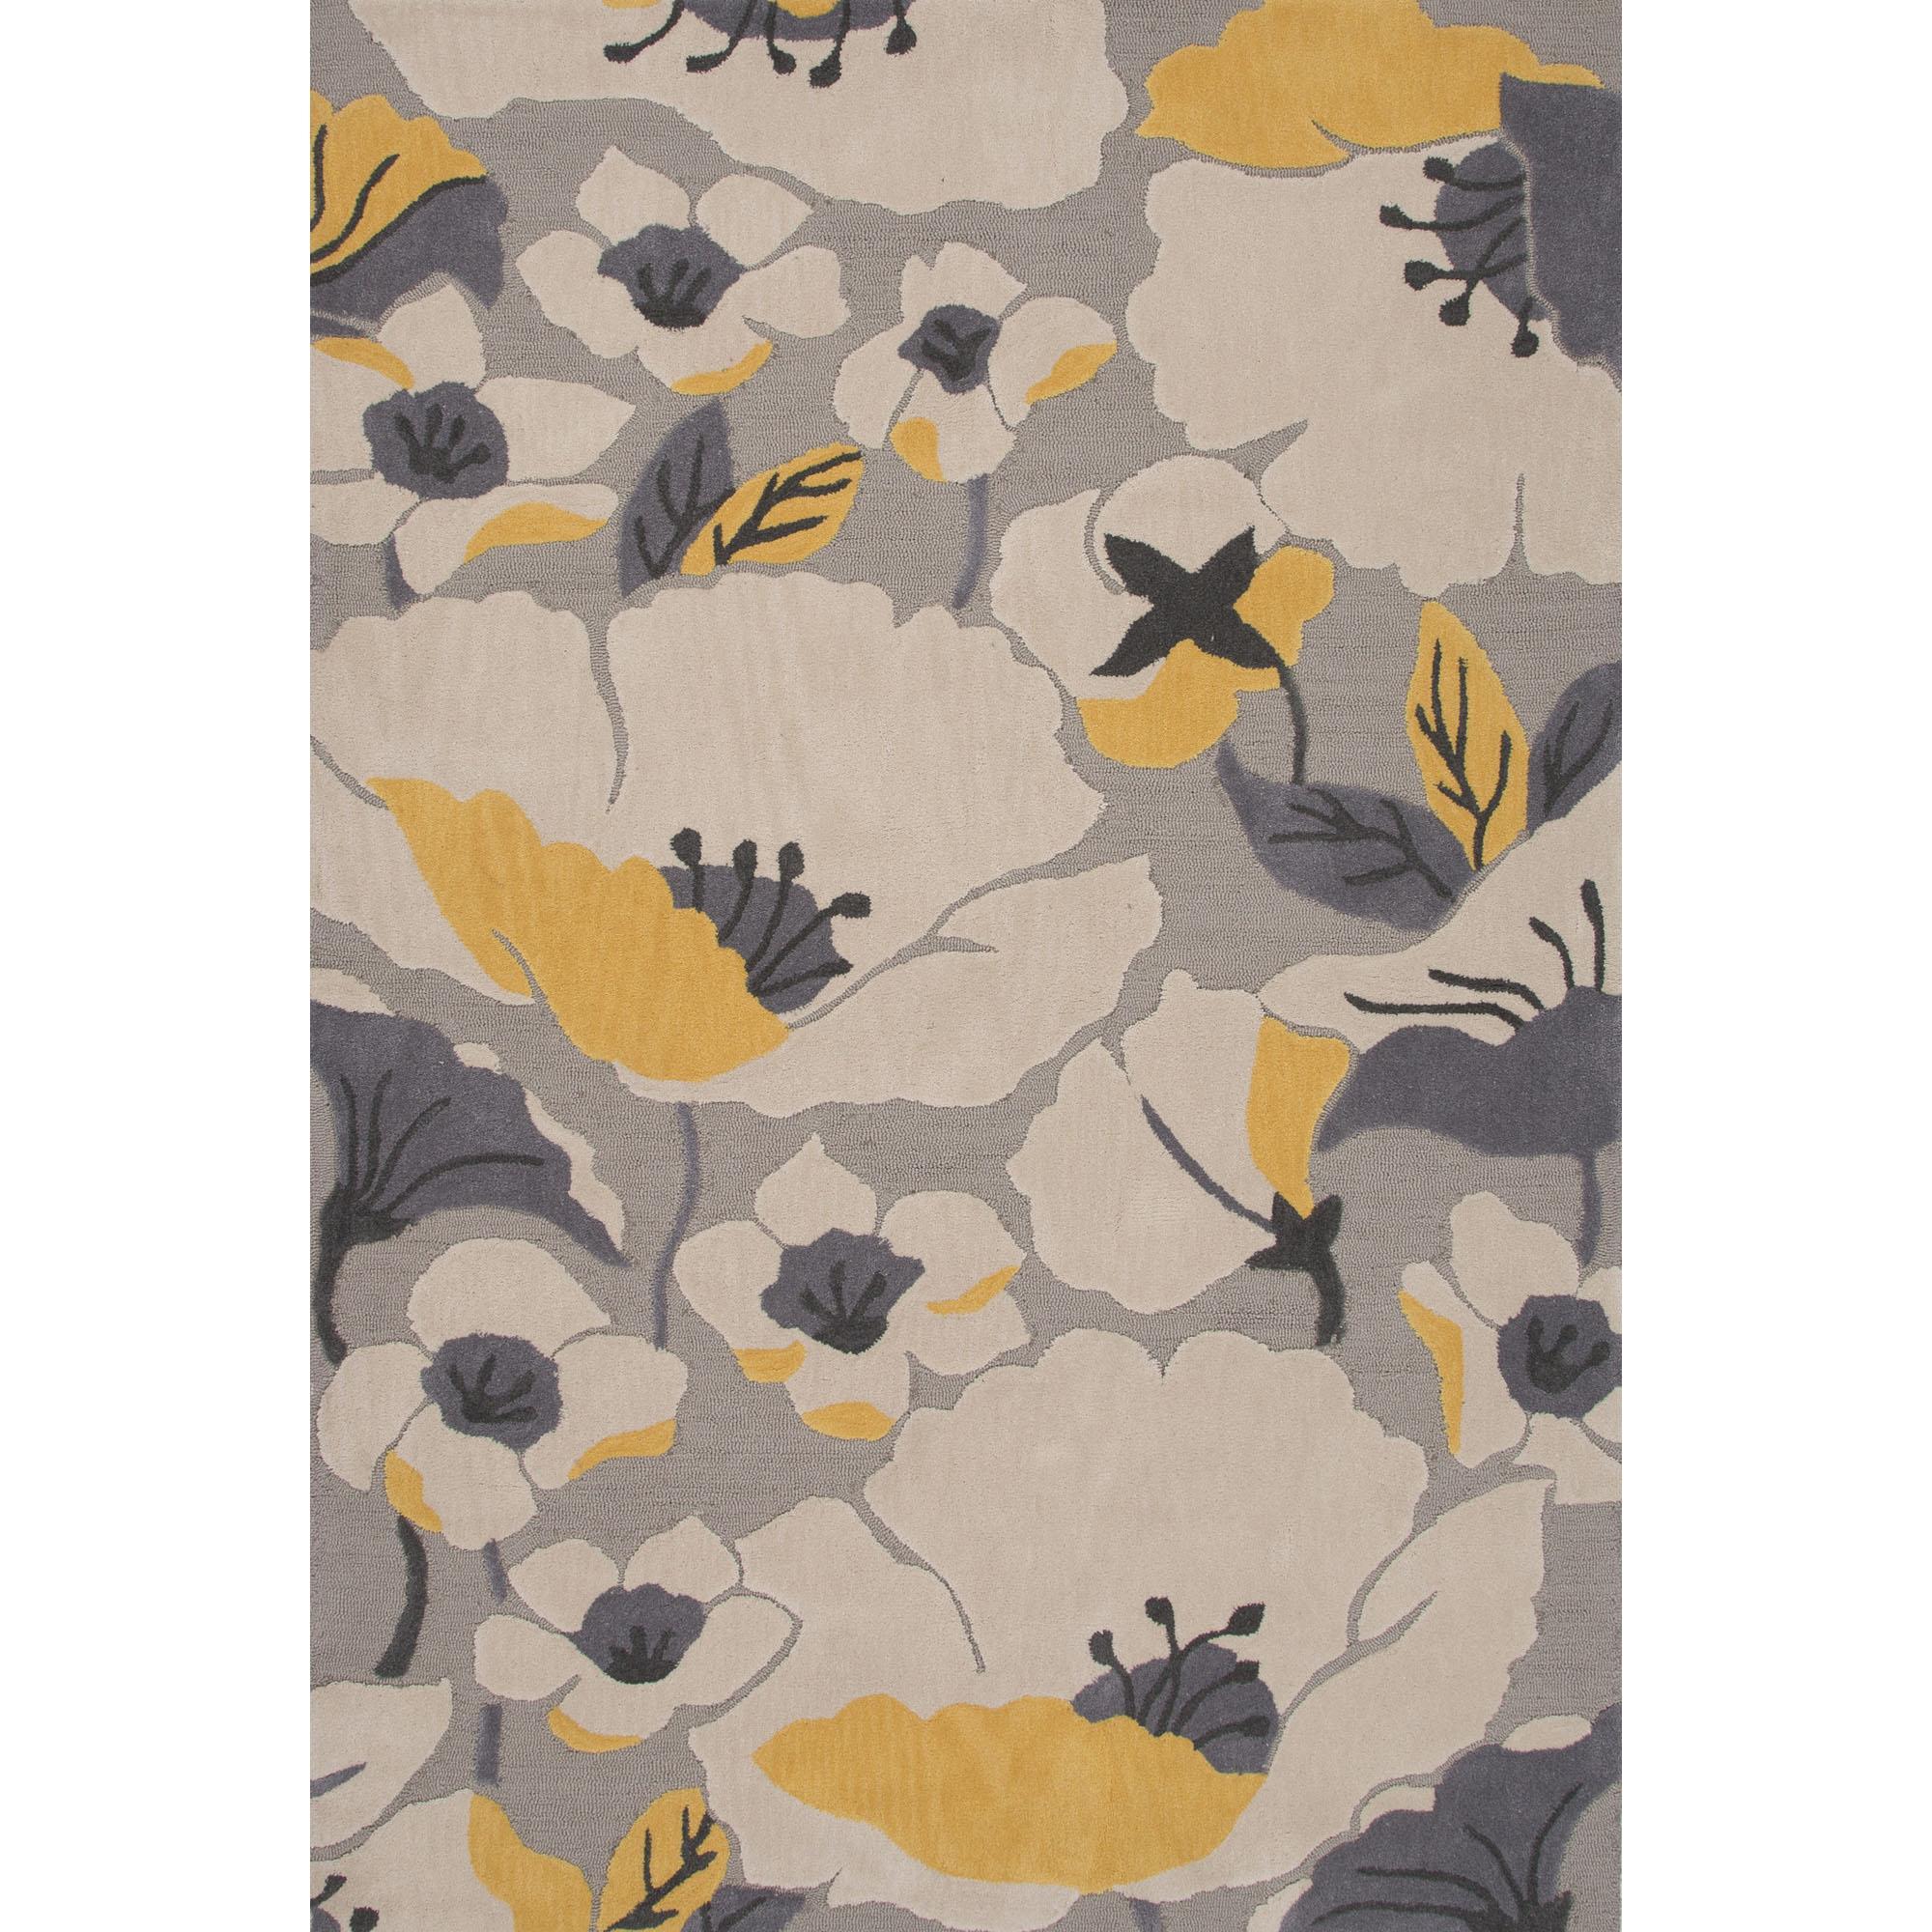 JAIPUR Rugs Flora 7.6 x 9.6 Rug - Item Number: RUG122388